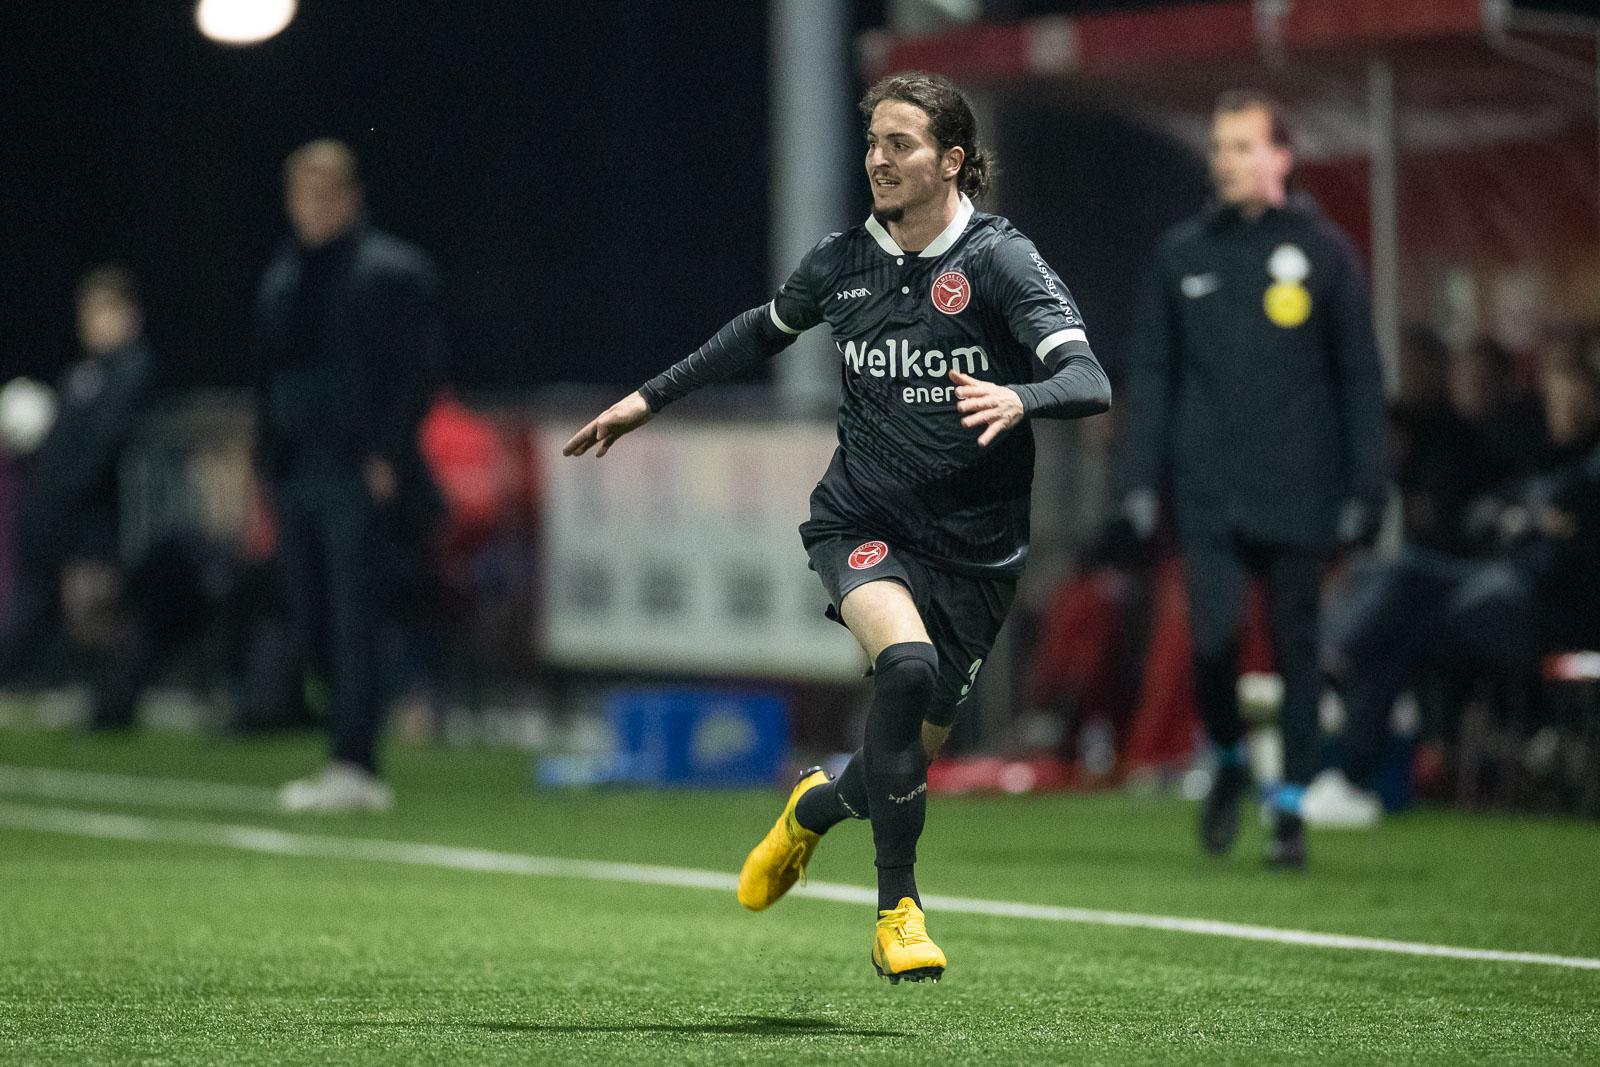 Absalem geschorst tegen FC Den Bosch